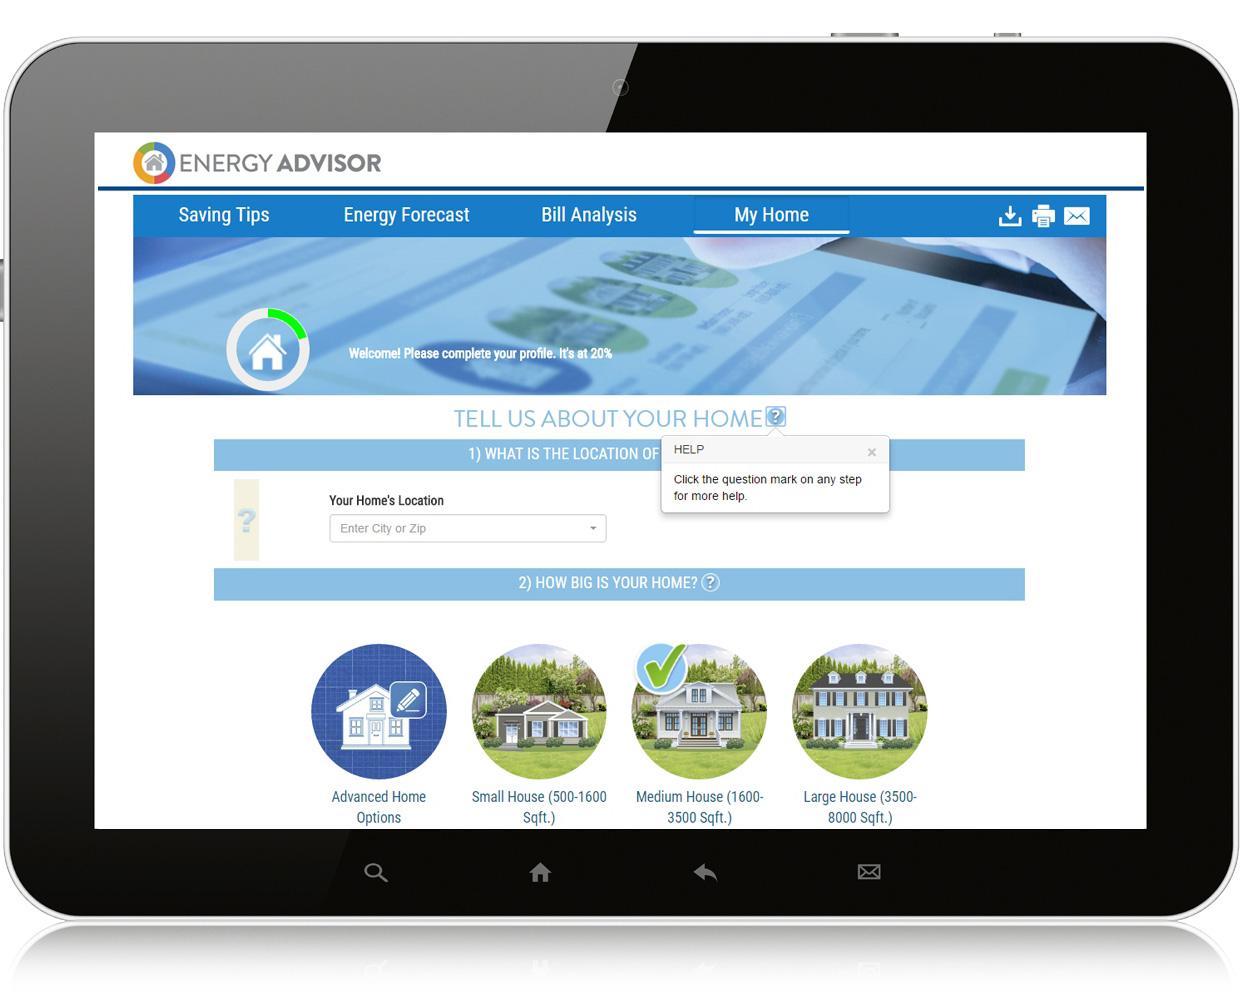 Tablet showing online energy advisor